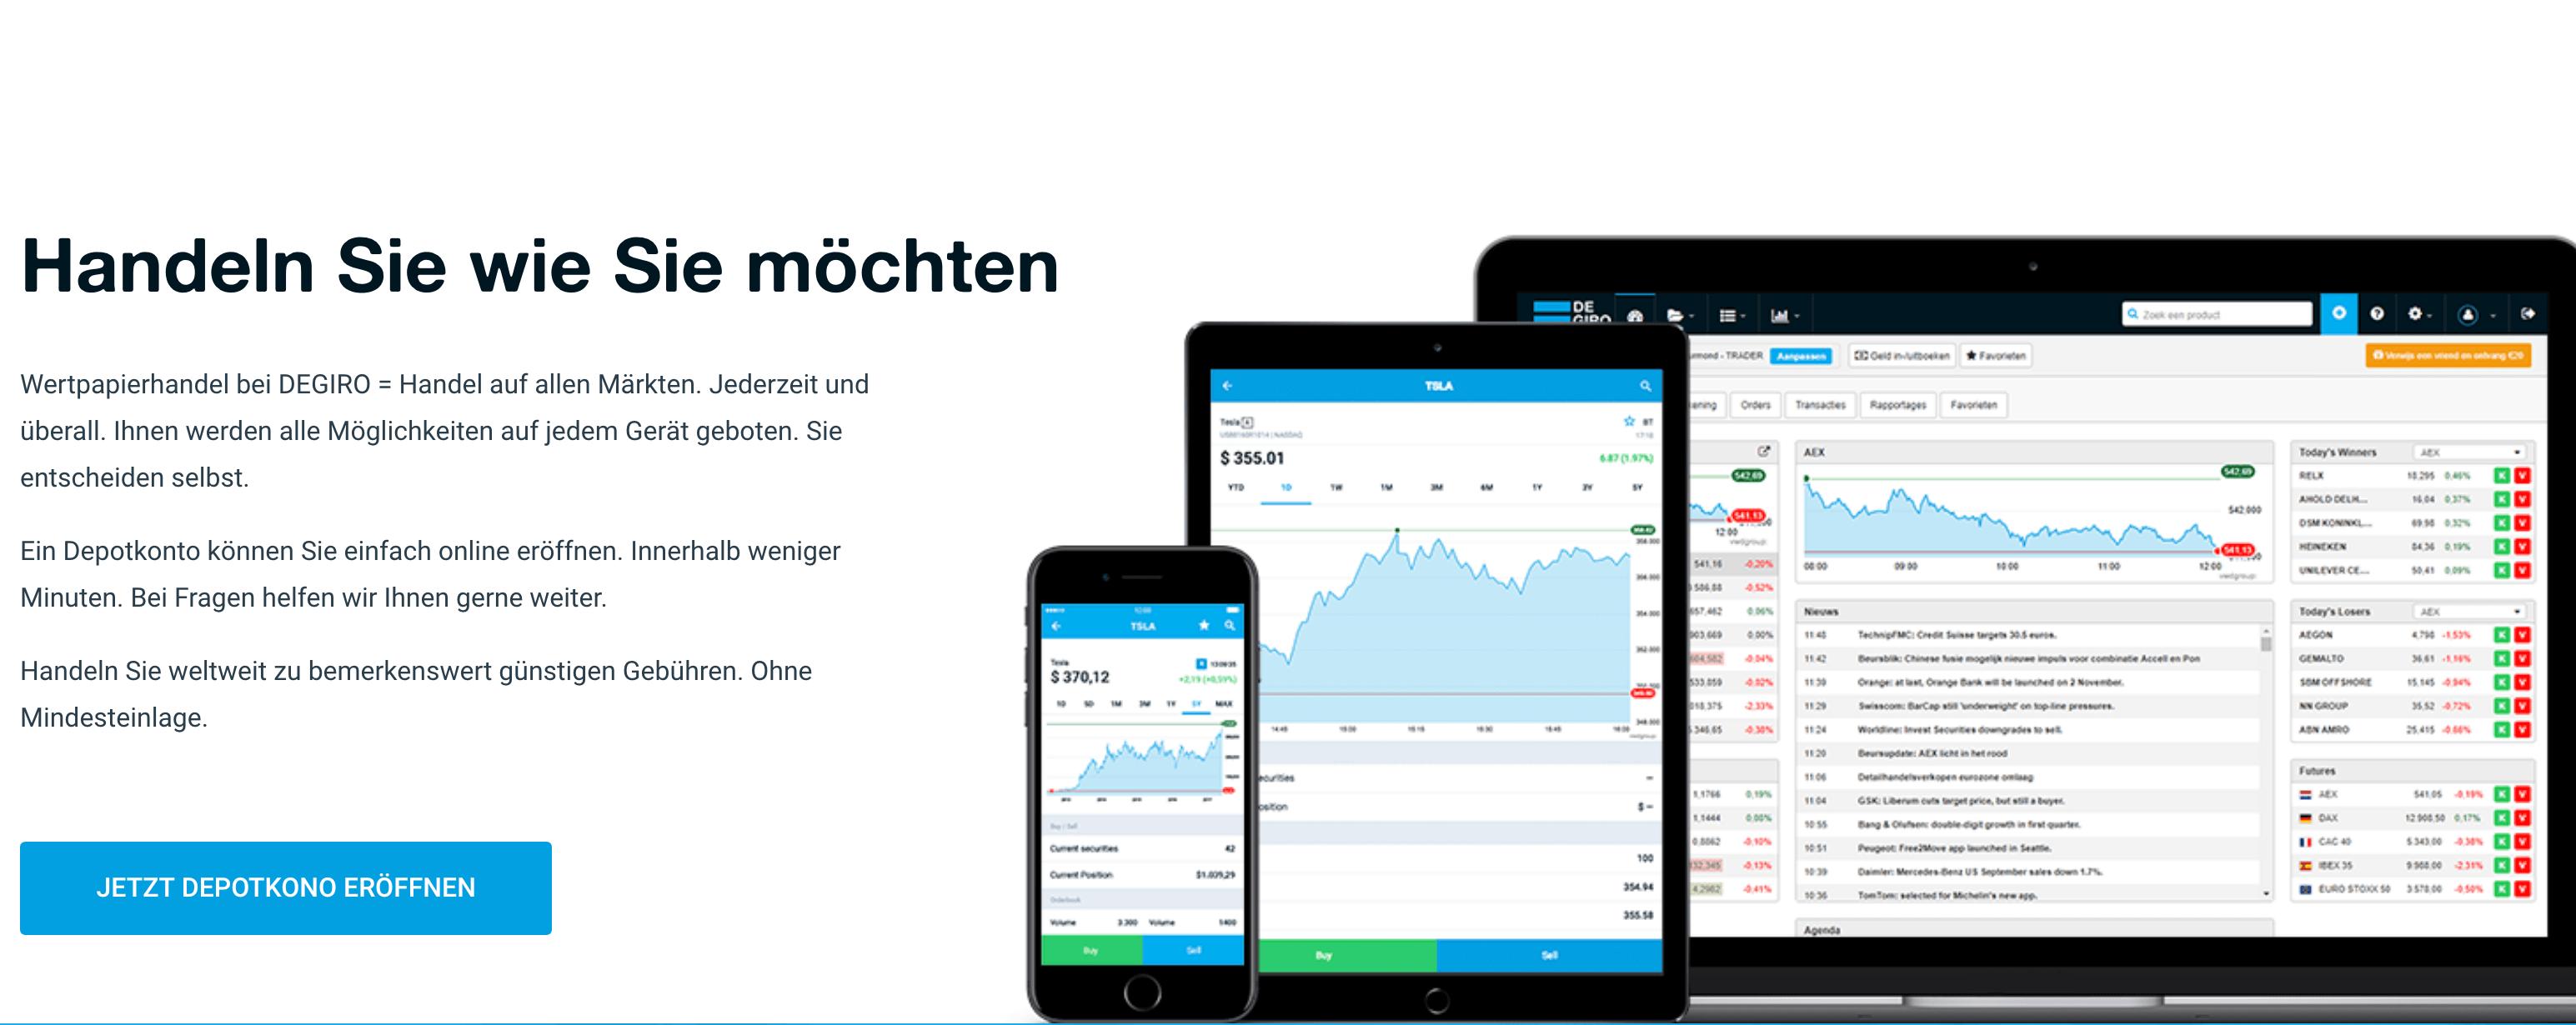 Inzwischen können Trader auch mit mobilen Endgeräten handeln